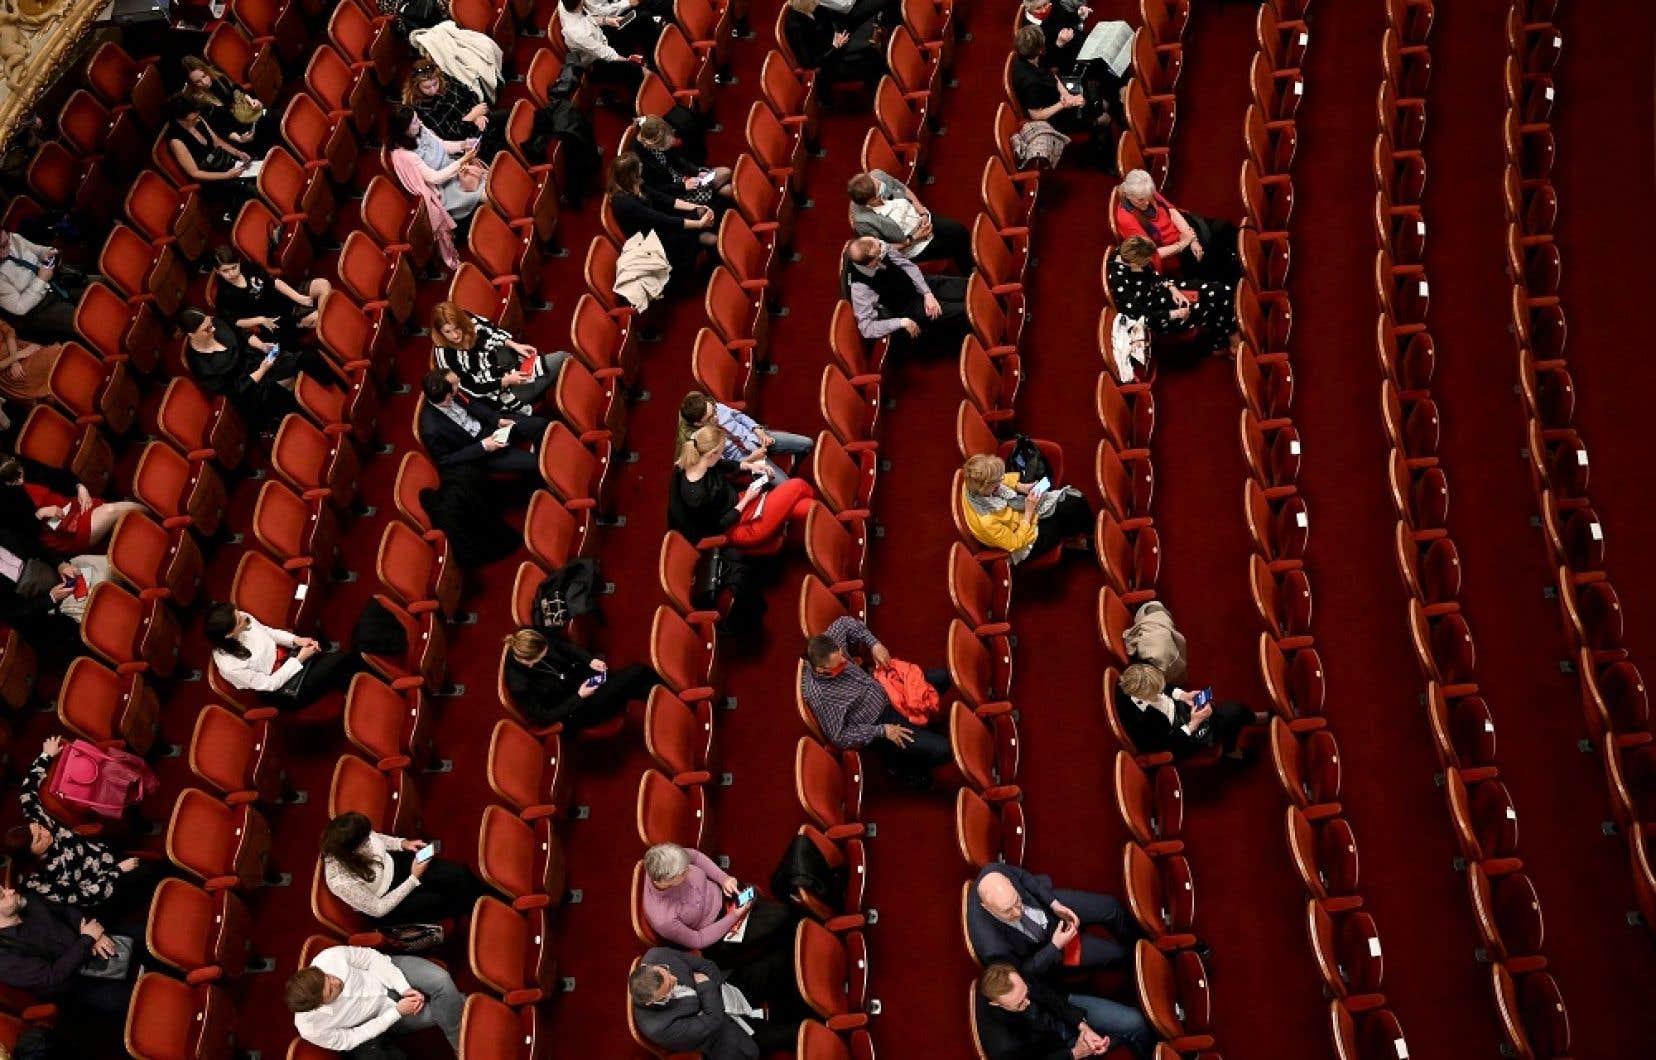 Une fois les personnes bien assises pour un spectacle, le couvre-visage est recommandé, mais il n'est pas obligatoire.